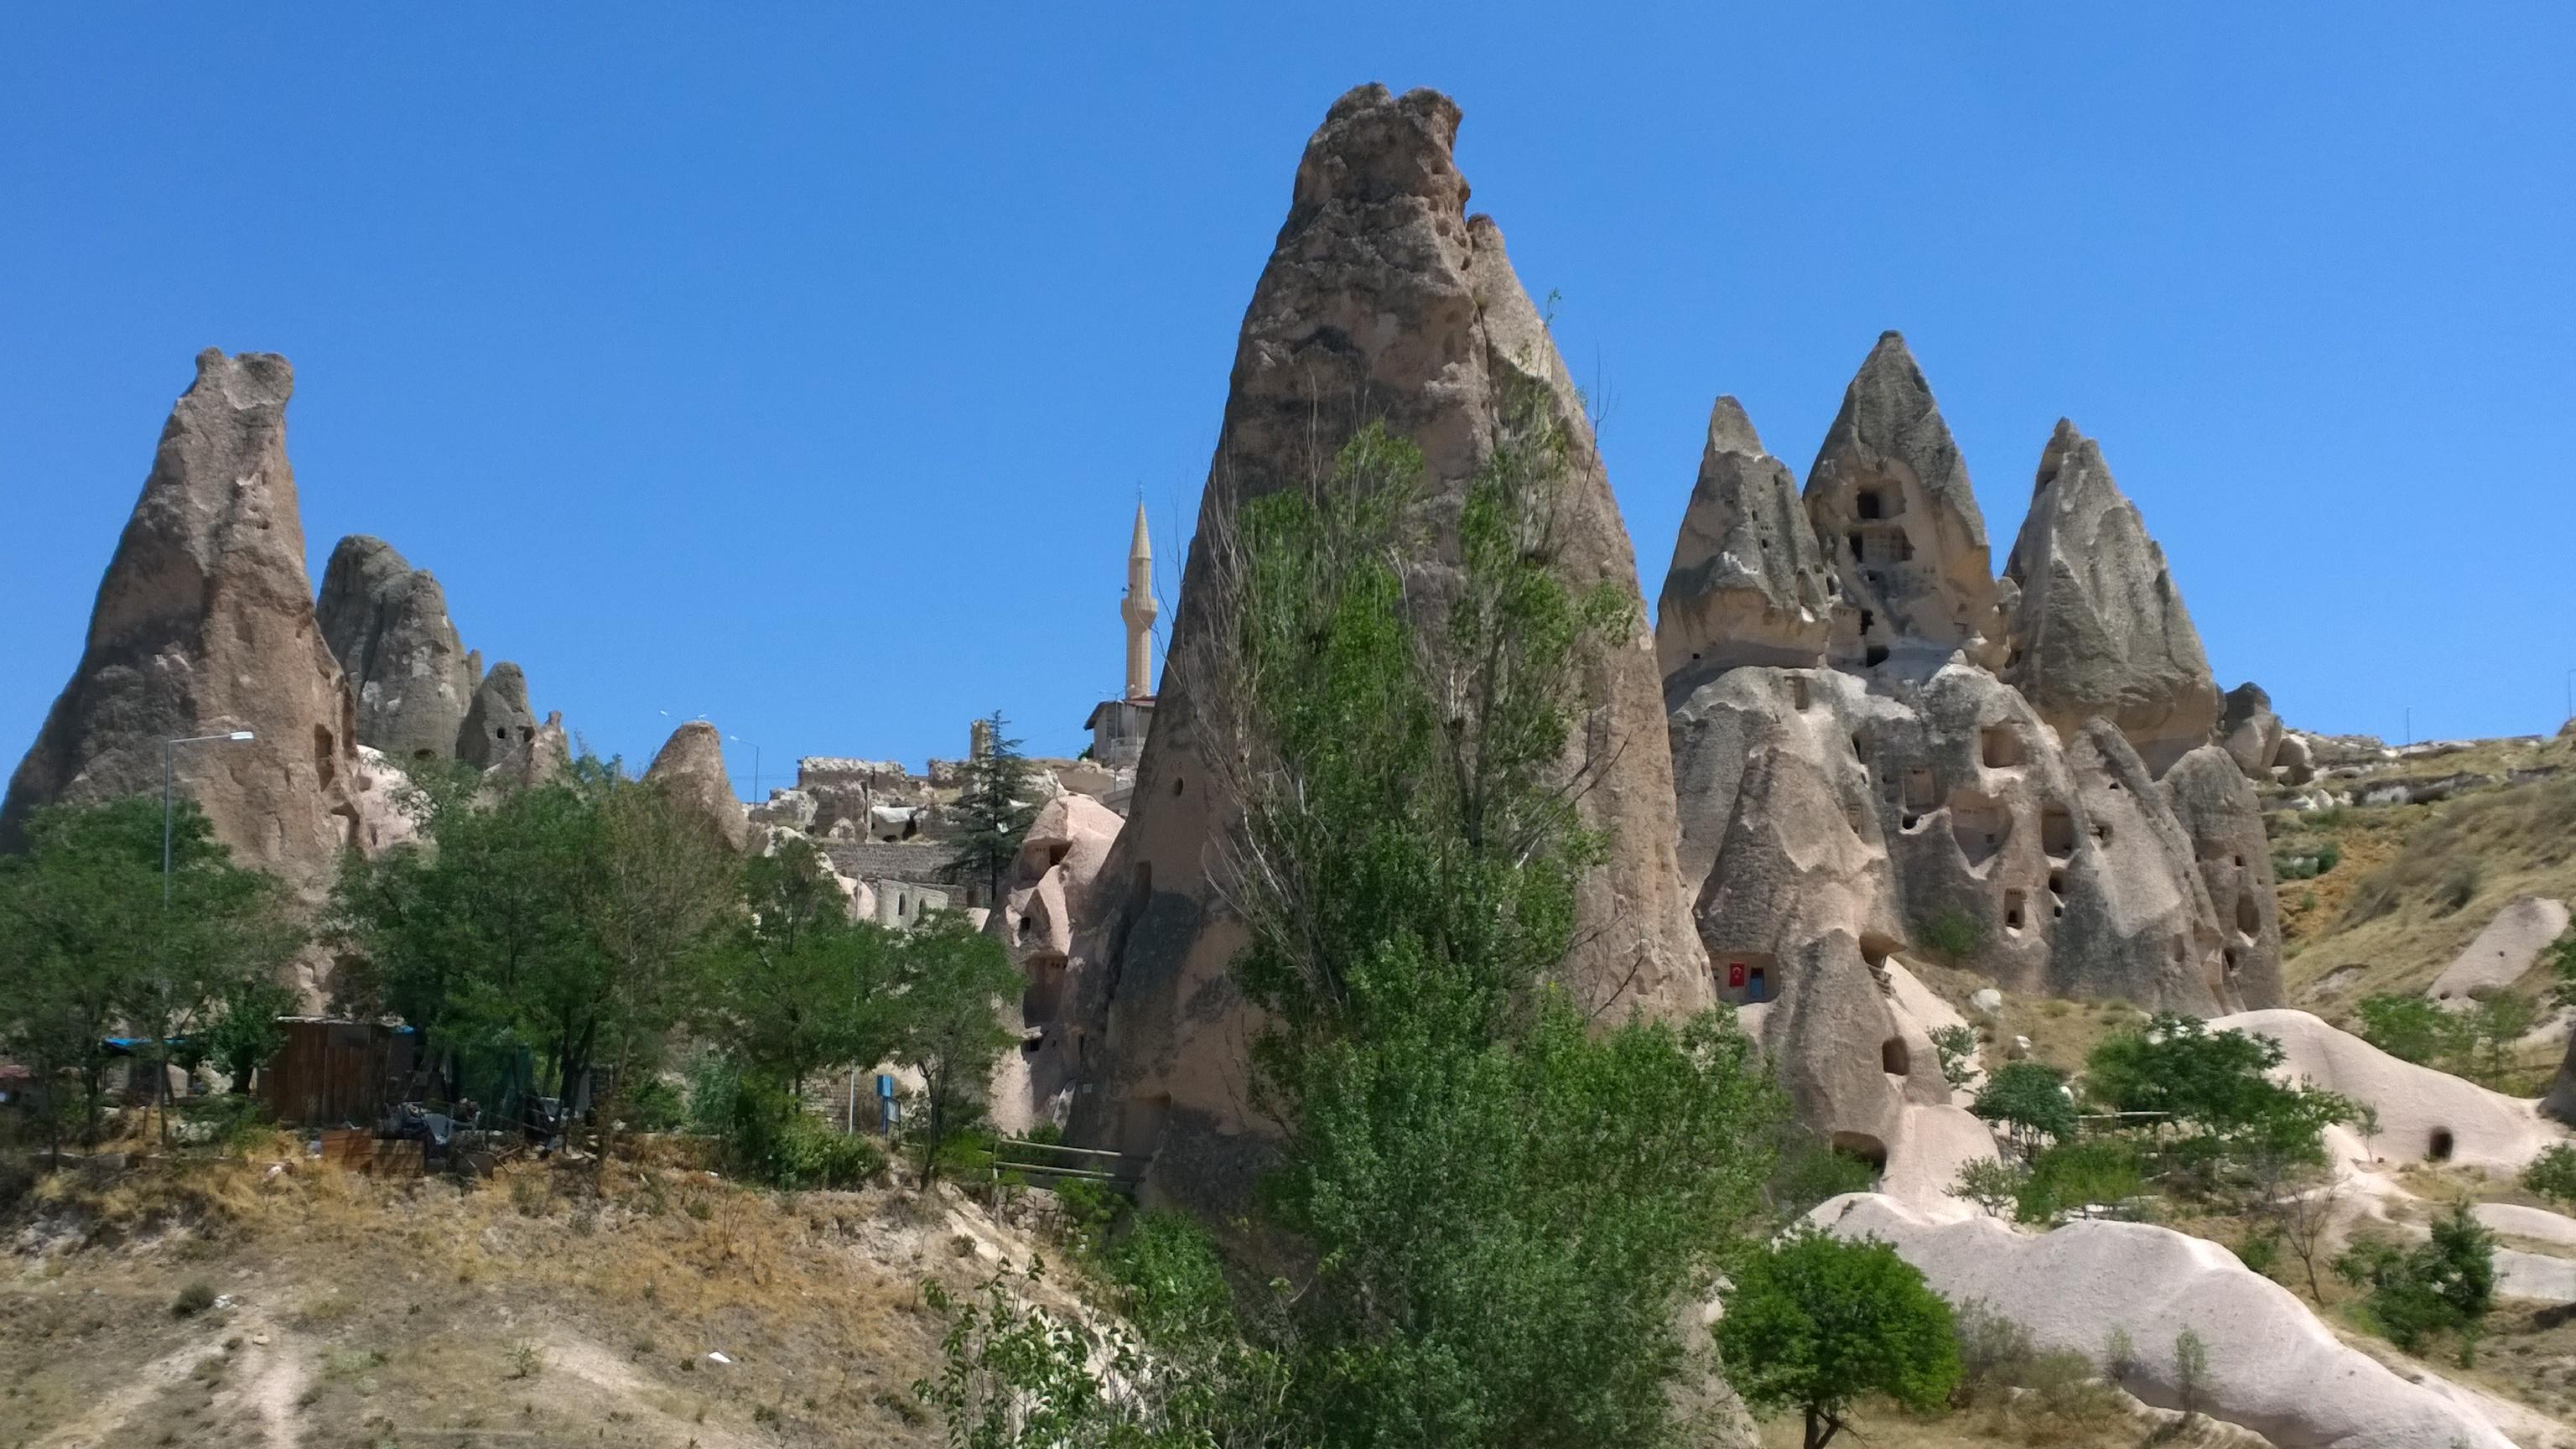 Camini delle fate in Cappadocia